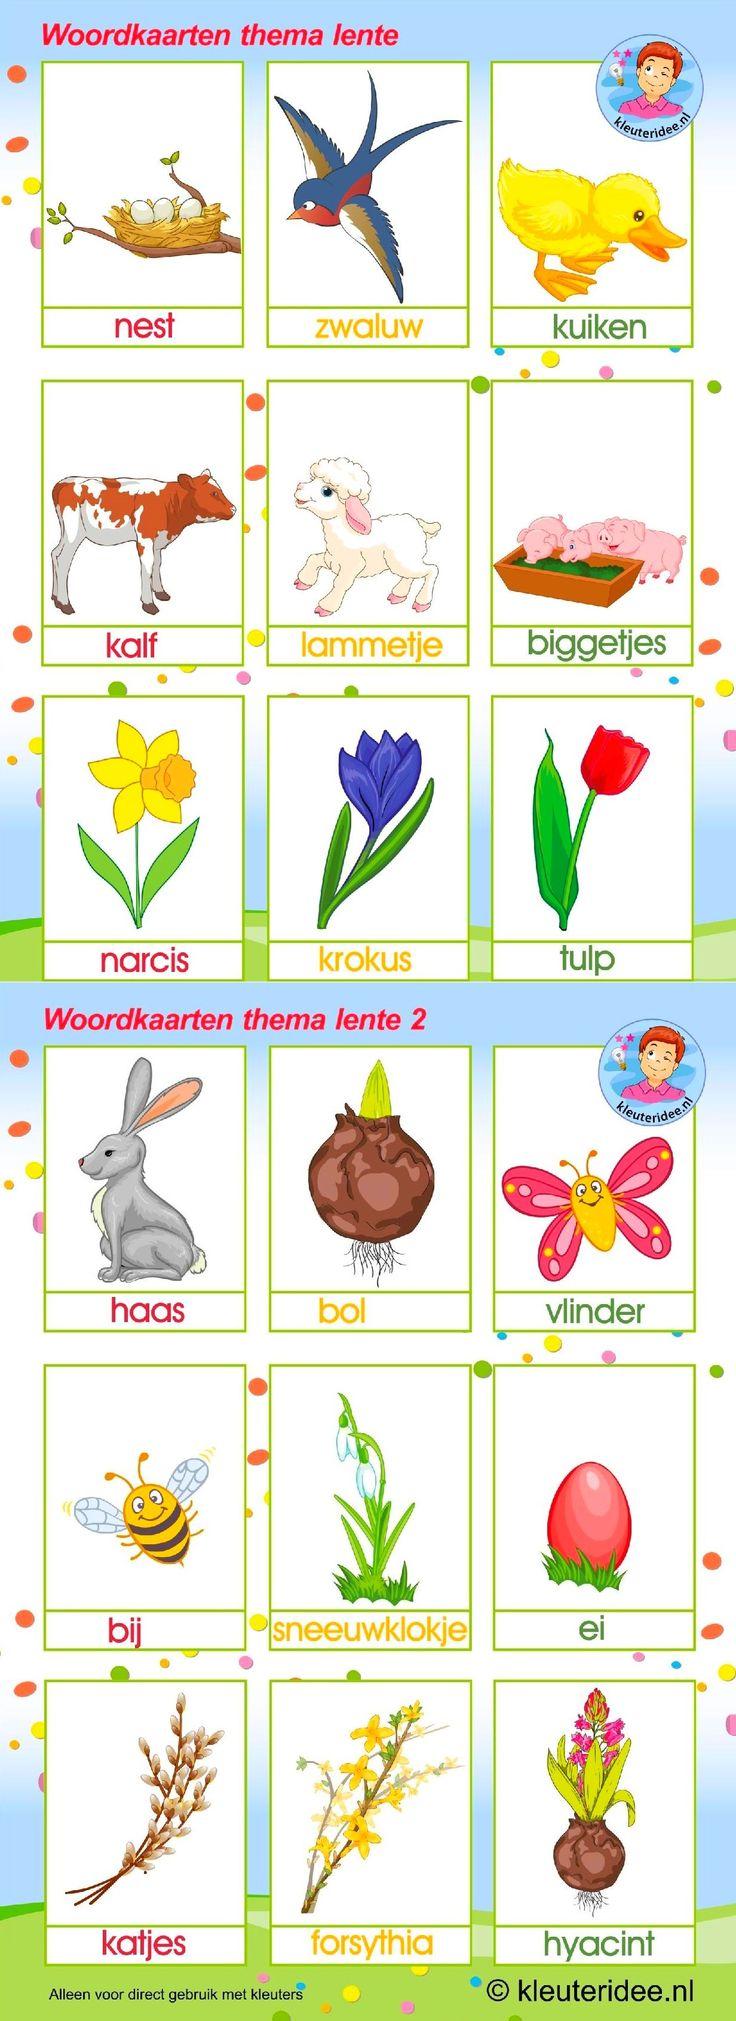 Woordkaarten. Thema : lente